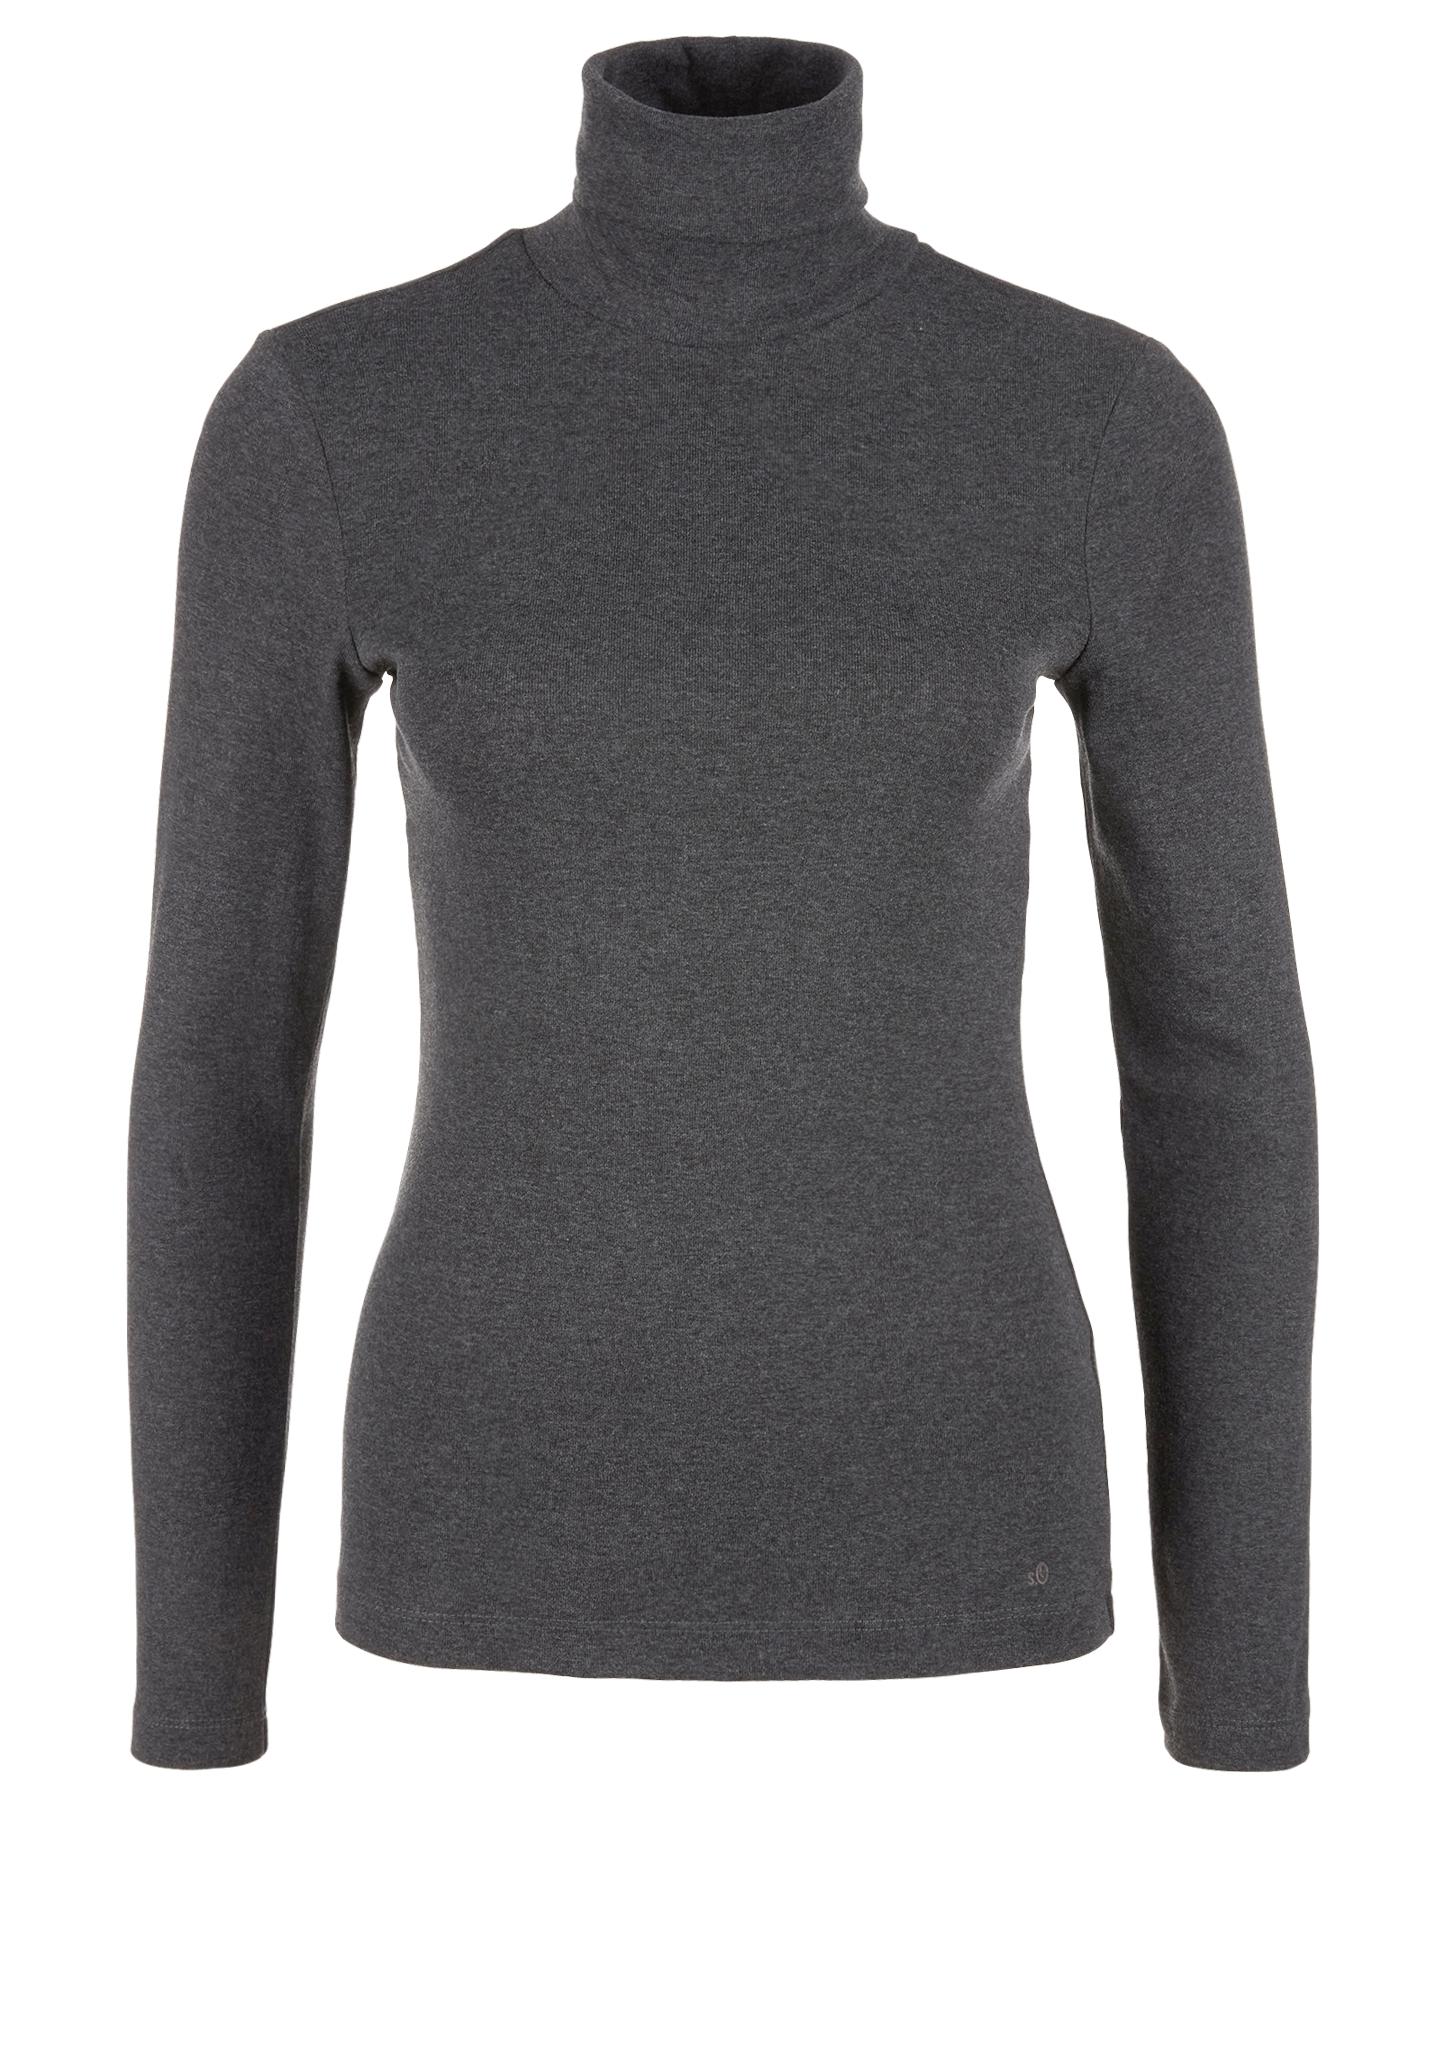 Rollkragenshirt | Bekleidung > Shirts > Rollkragenshirts | s.Oliver